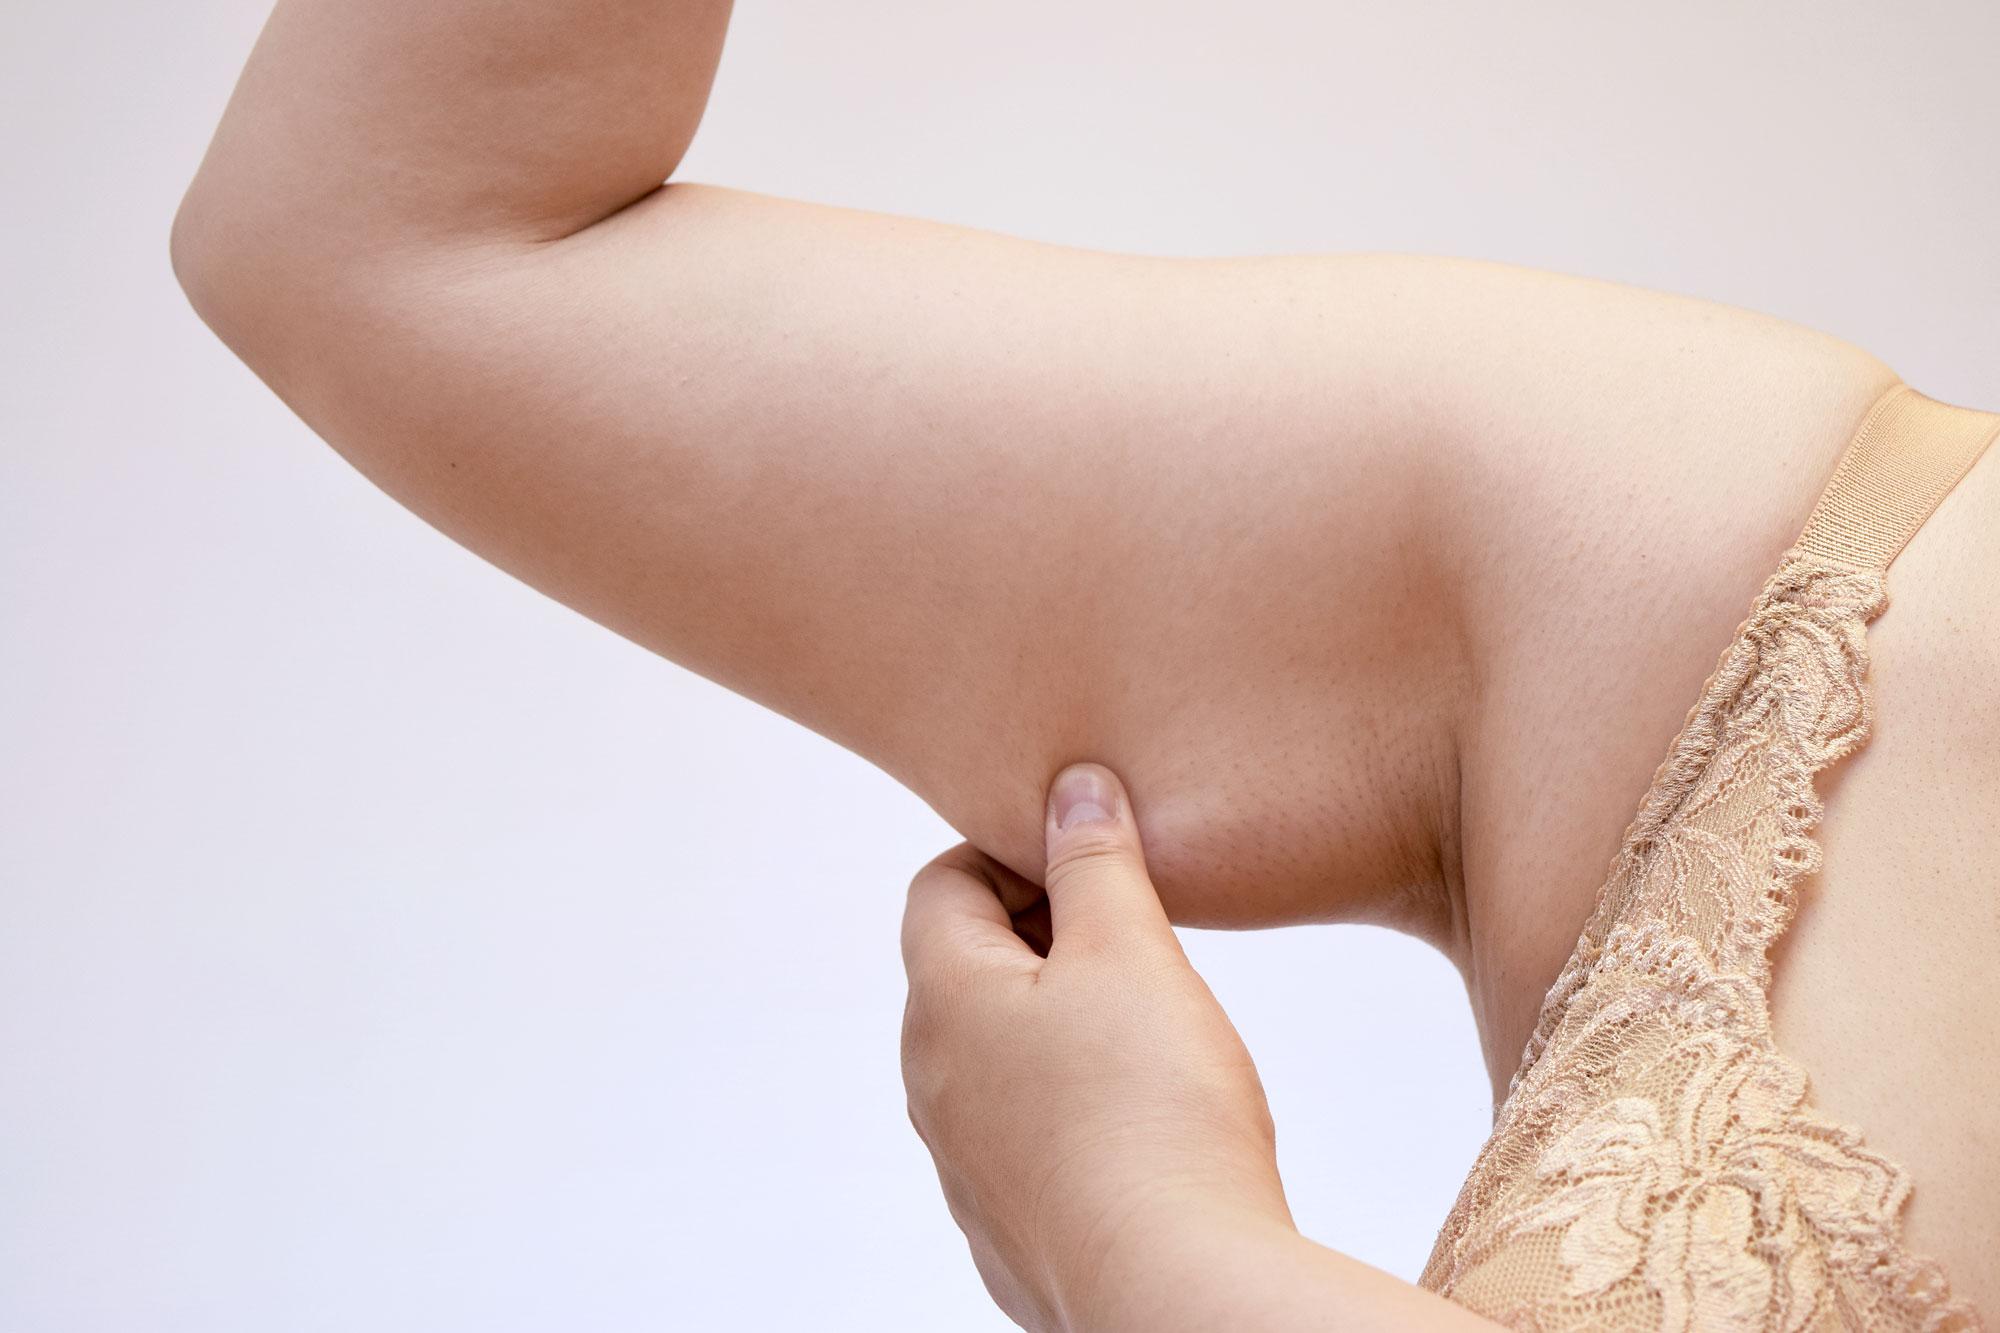 ta bort gäddhäng med armkirurgi